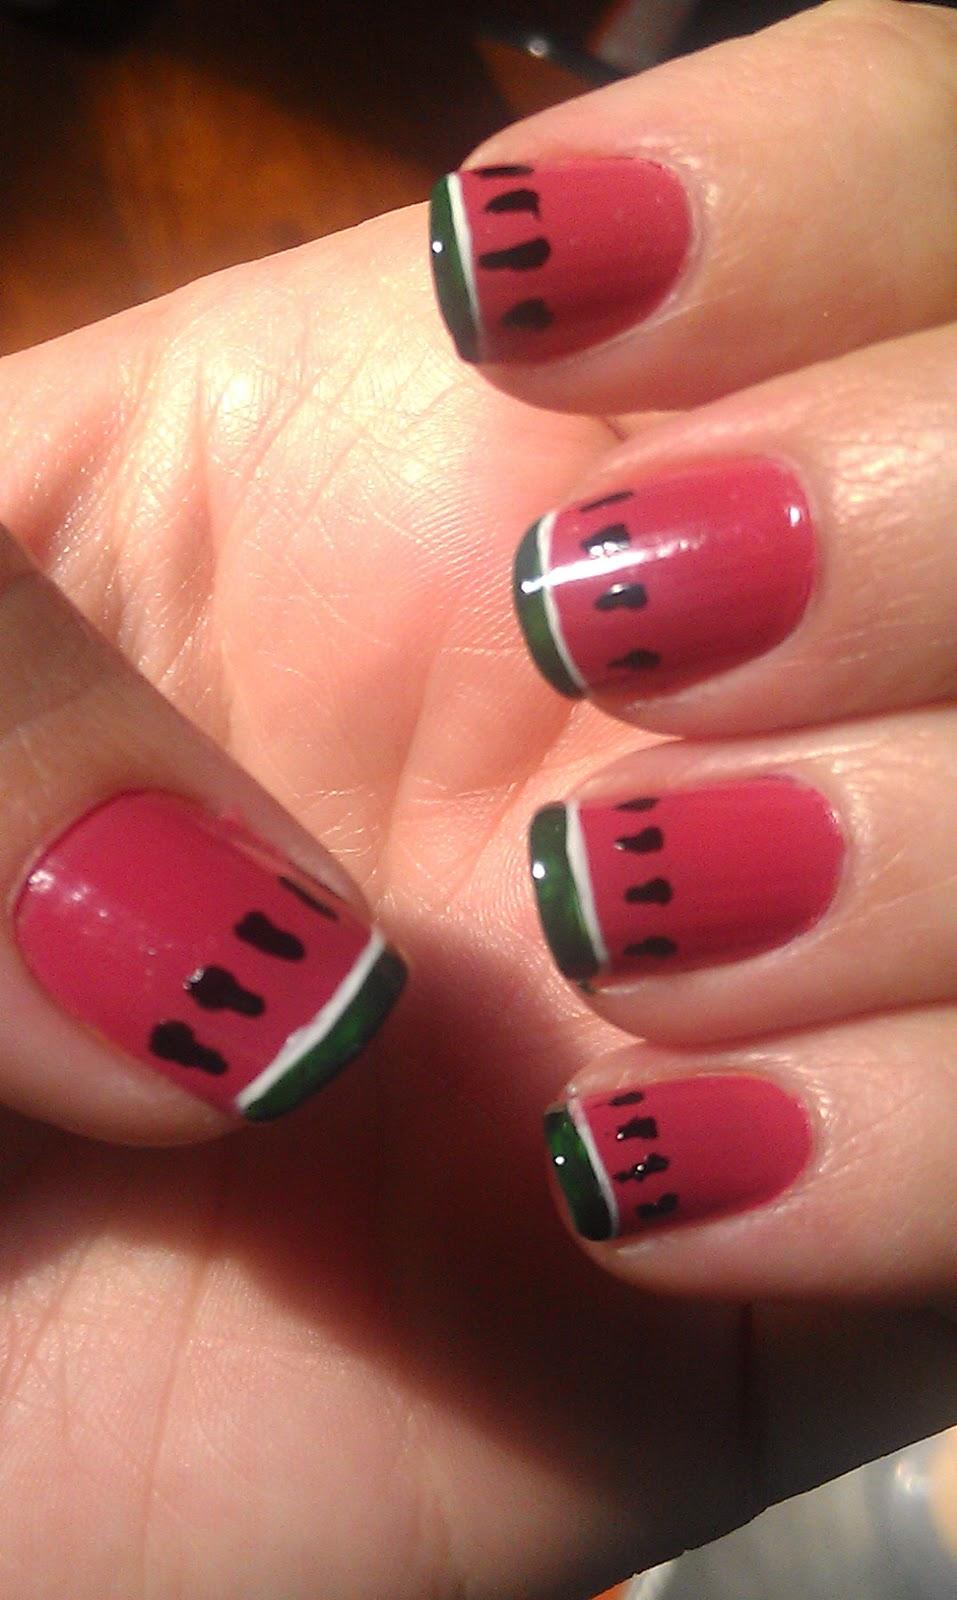 My Nail Polish Obsession My Birthday Nails: My Nail Diary: Summer Challenge Day 2- Picnic